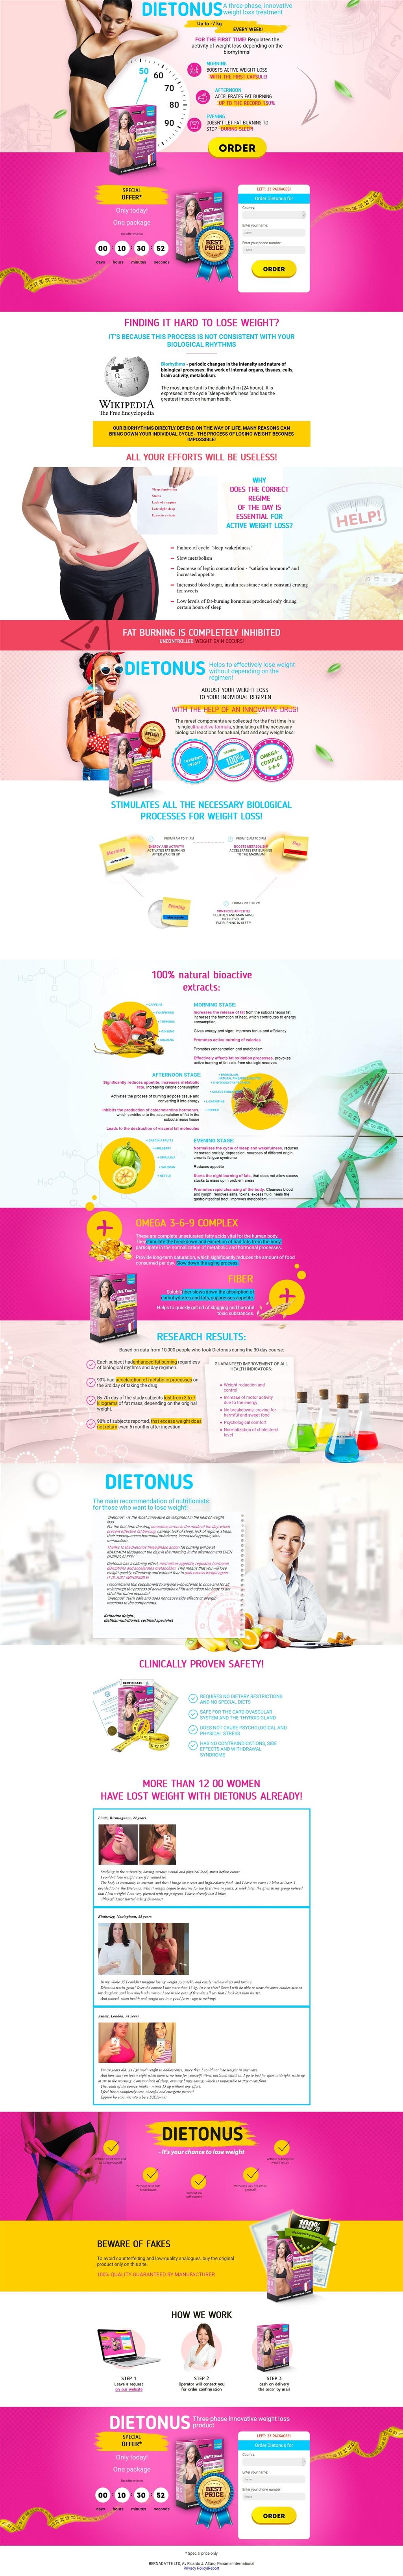 dietonus en farmacias